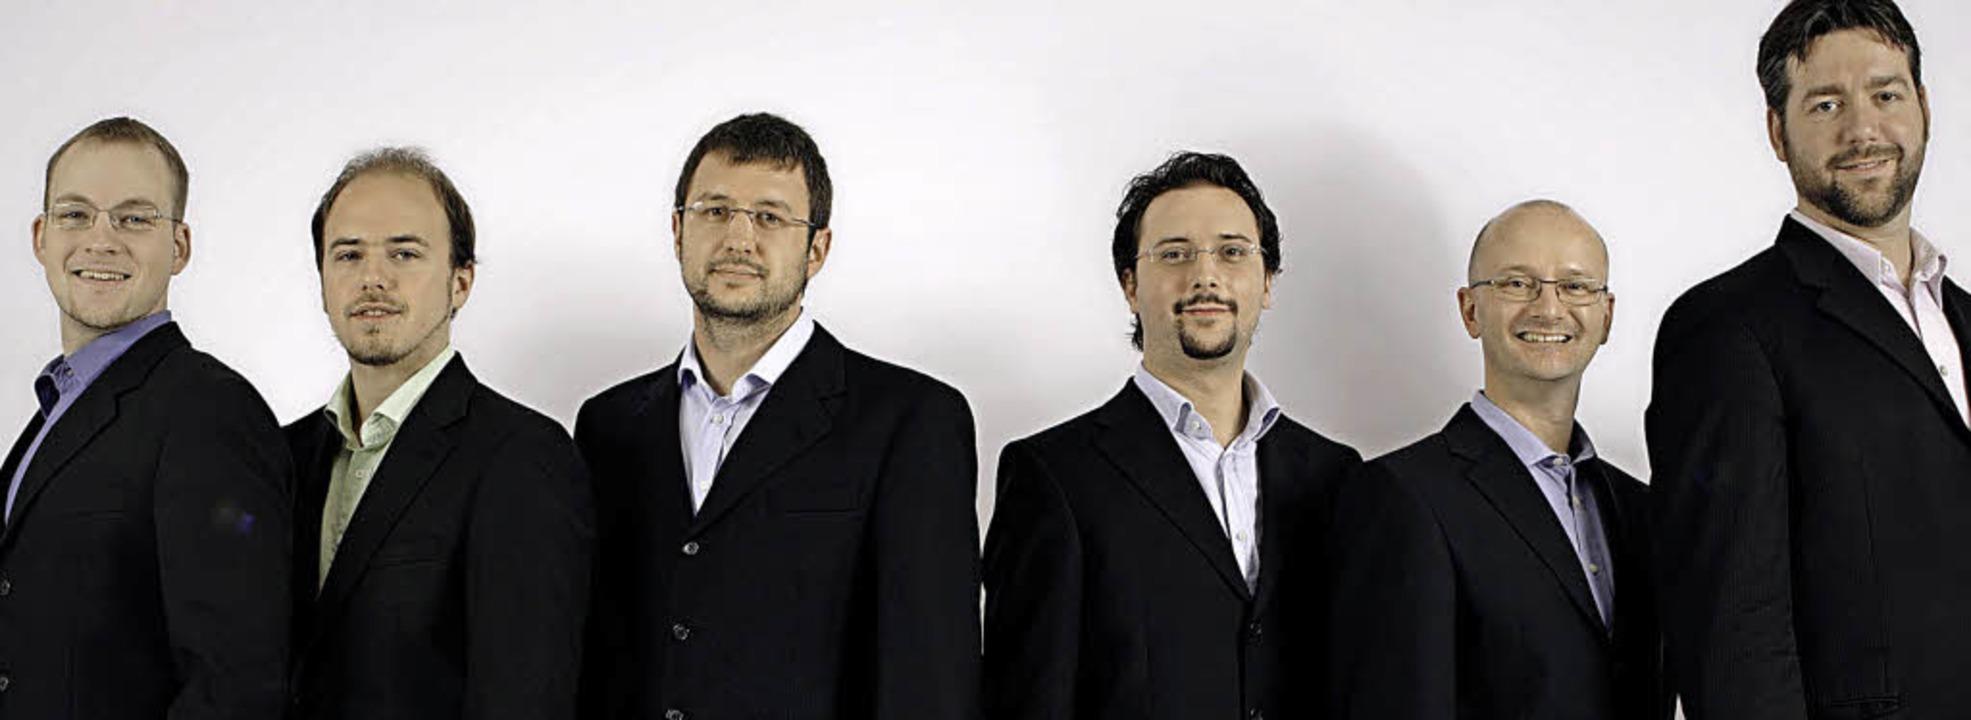 Sechs Sänger aus fünf europäischen Län...s 2004 gegründete Ensemble Cinquecento  | Foto: Petra Benovsky